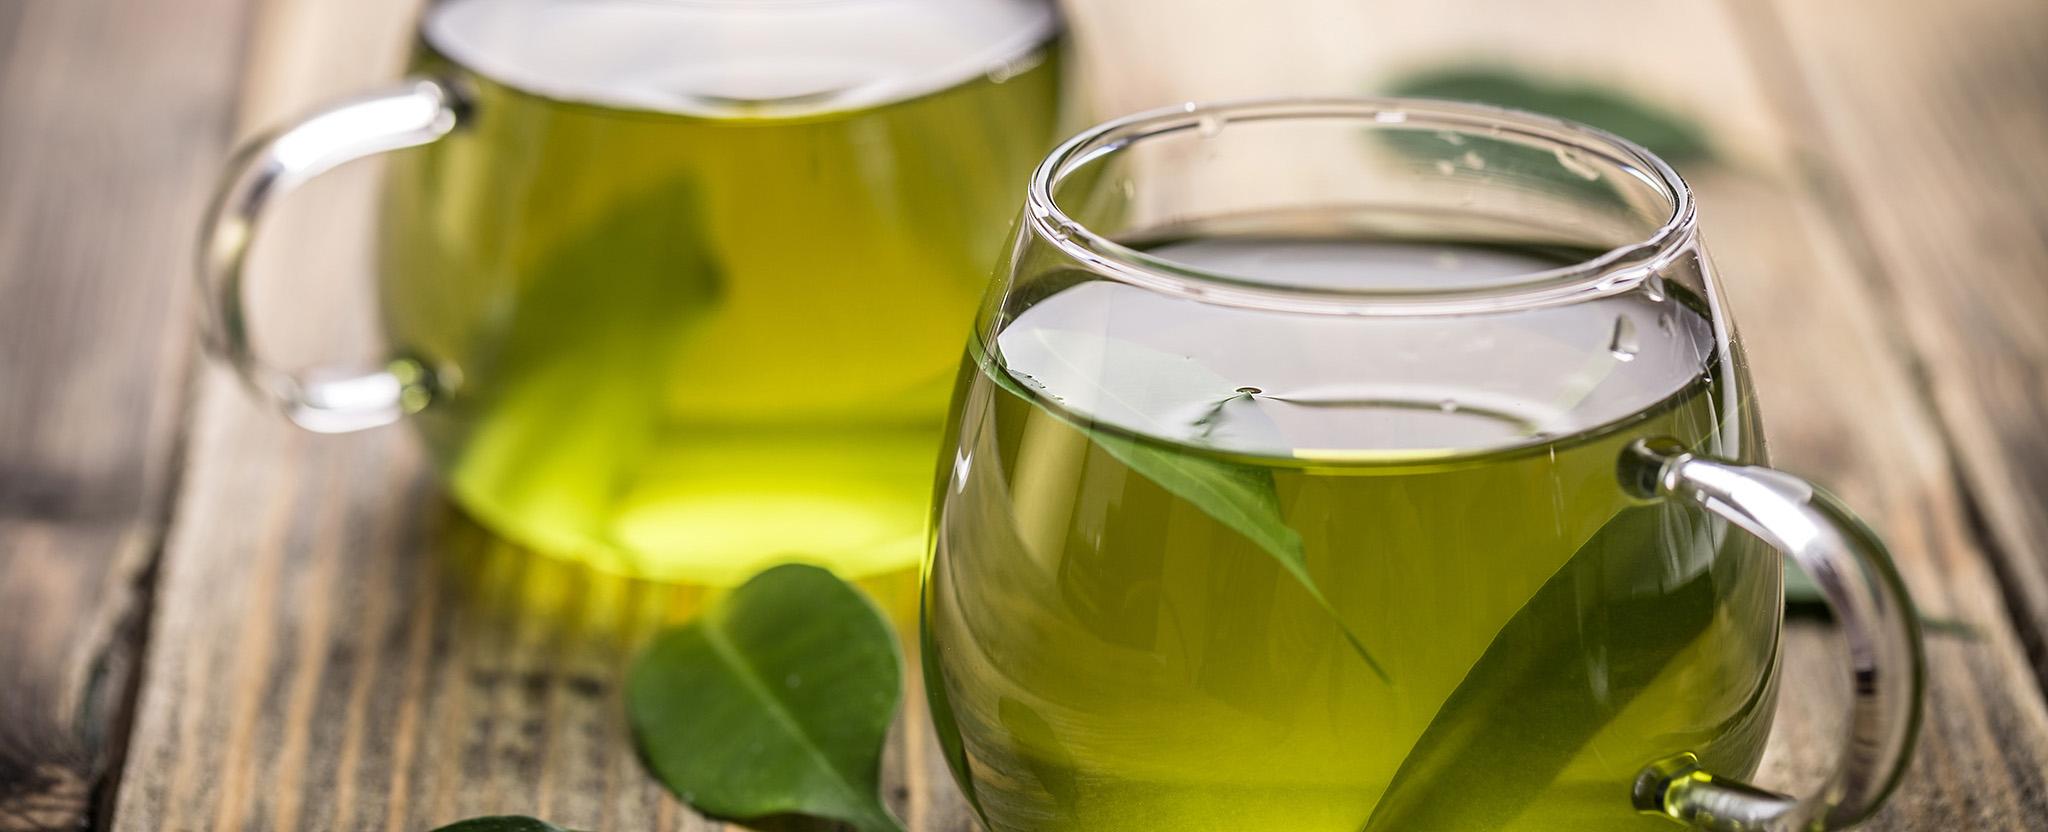 Чай зеленый при кормление грудью